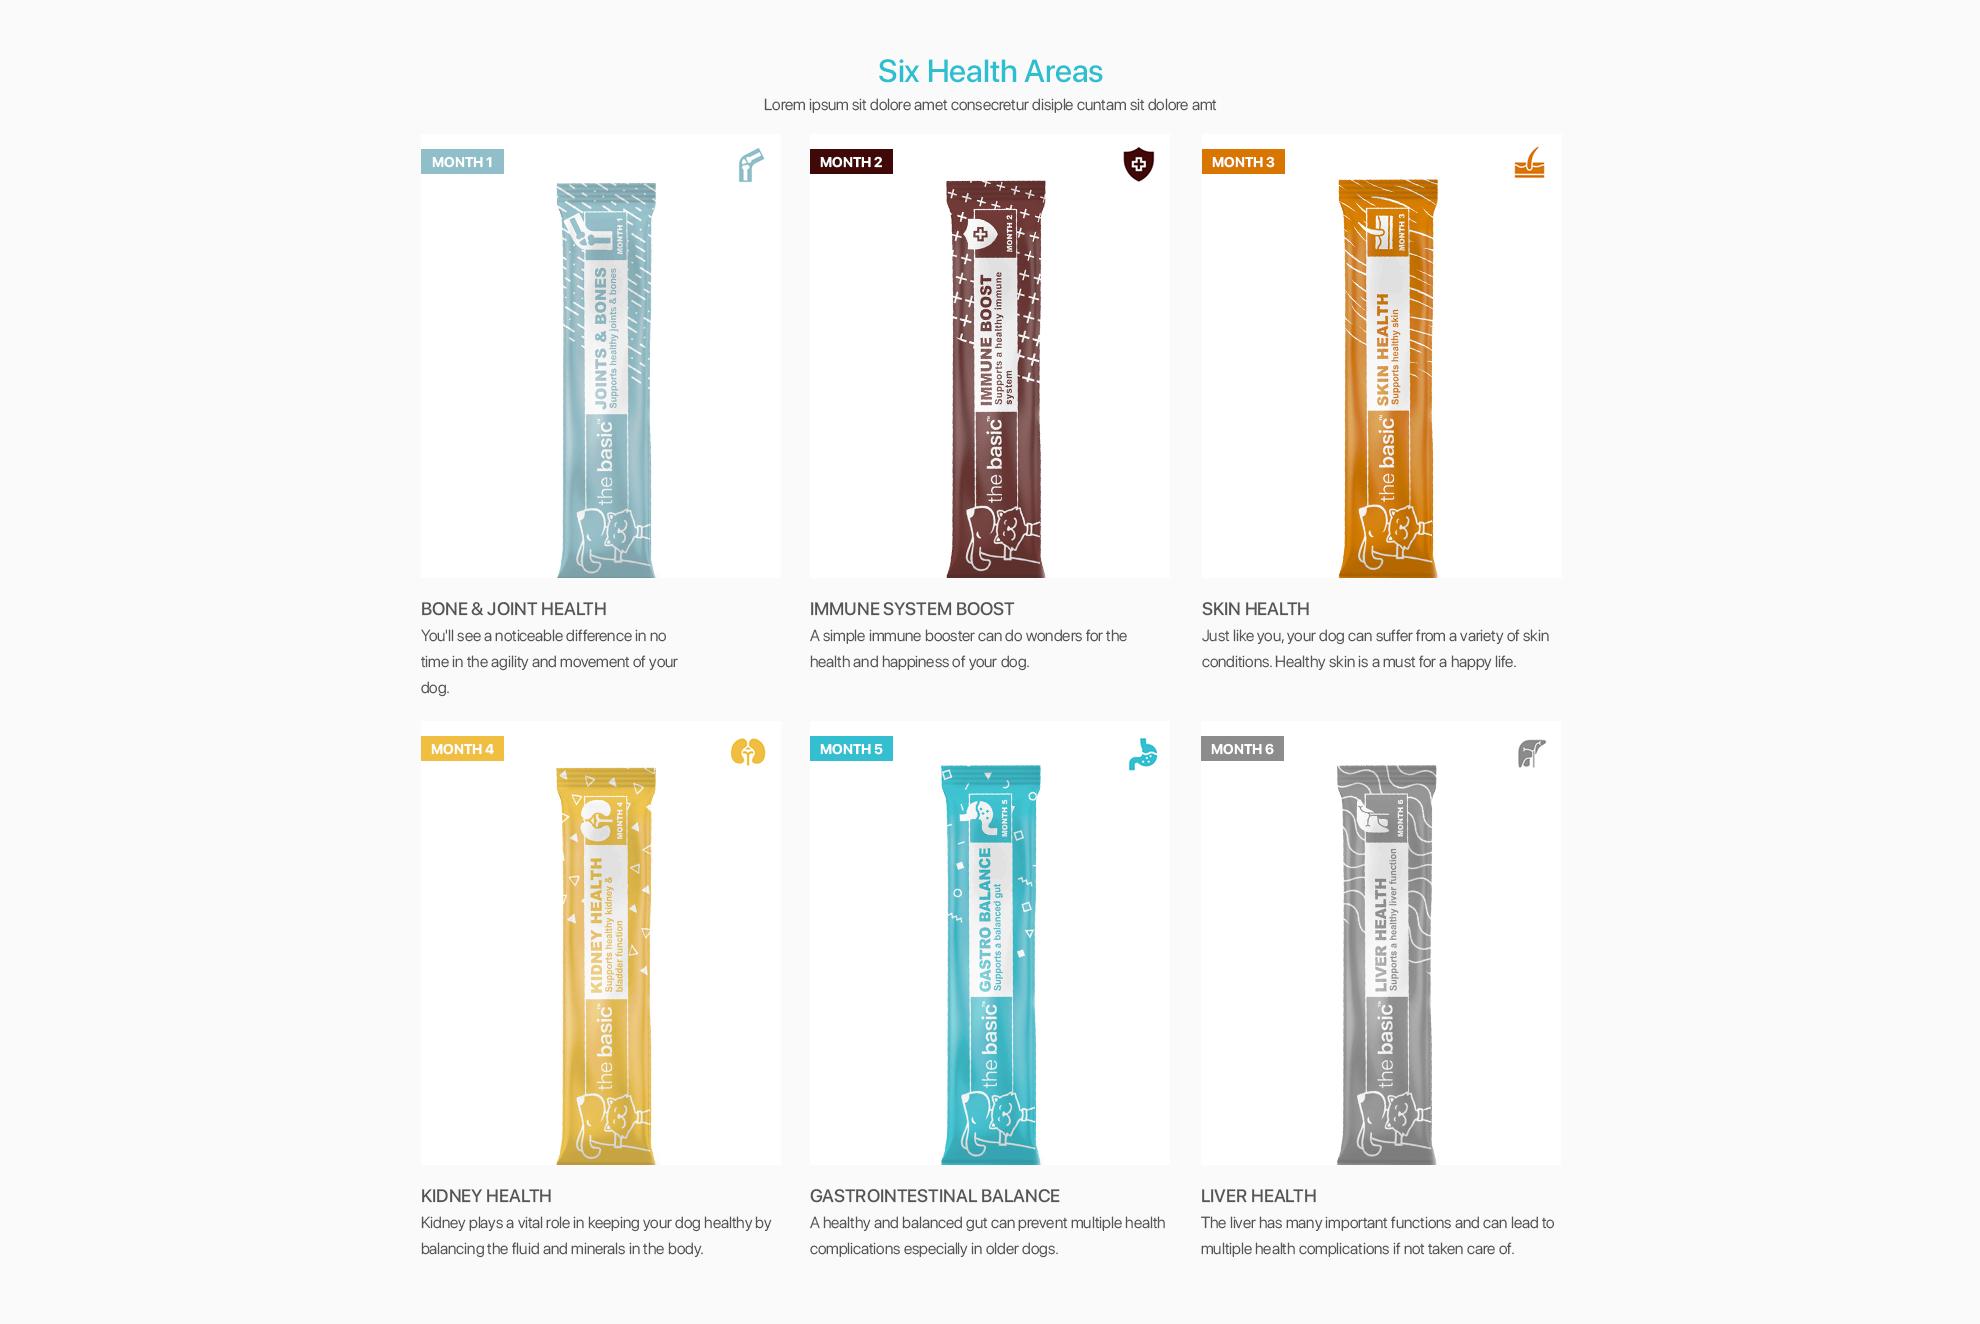 Website design - mobile first